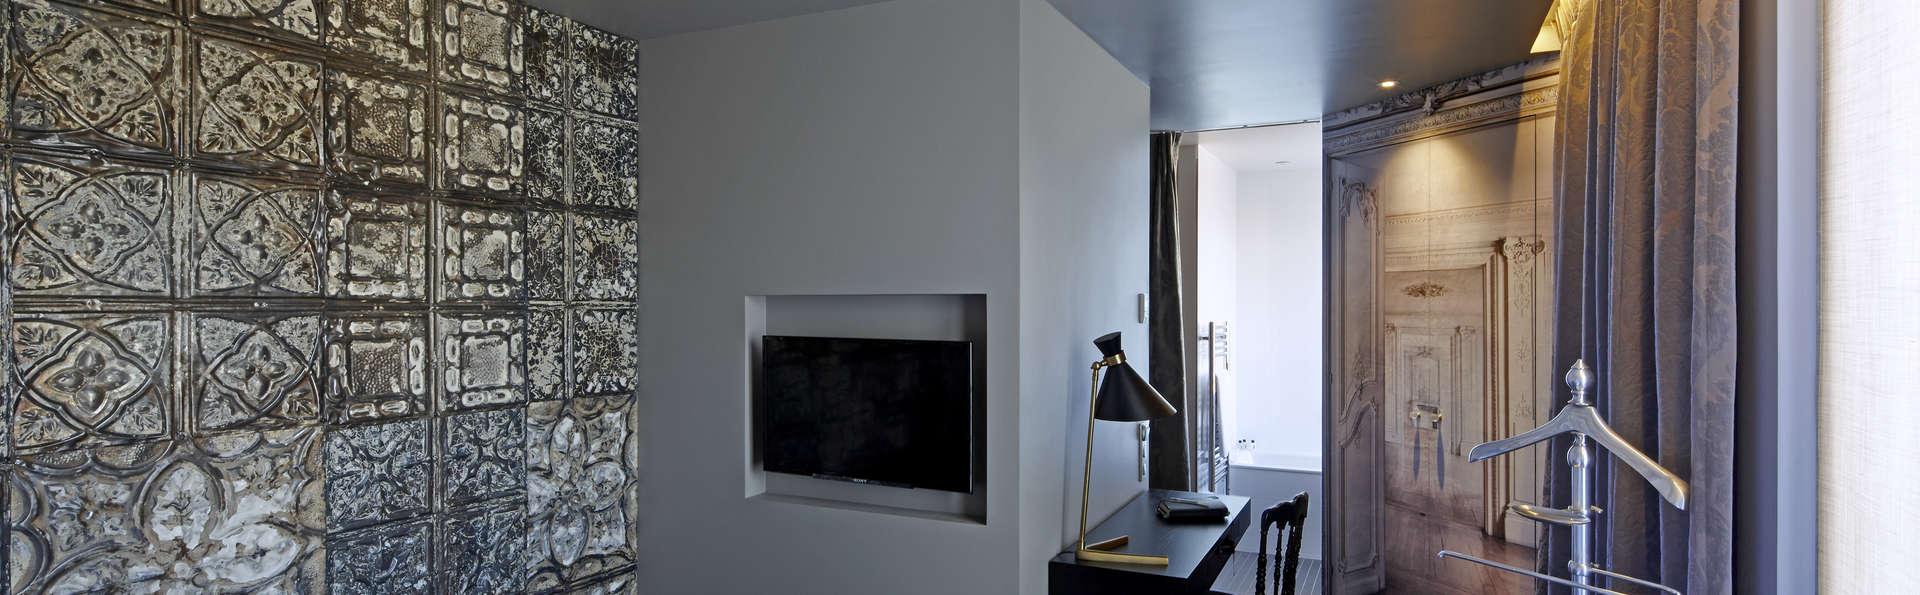 h tel eug ne en ville hotel par s. Black Bedroom Furniture Sets. Home Design Ideas